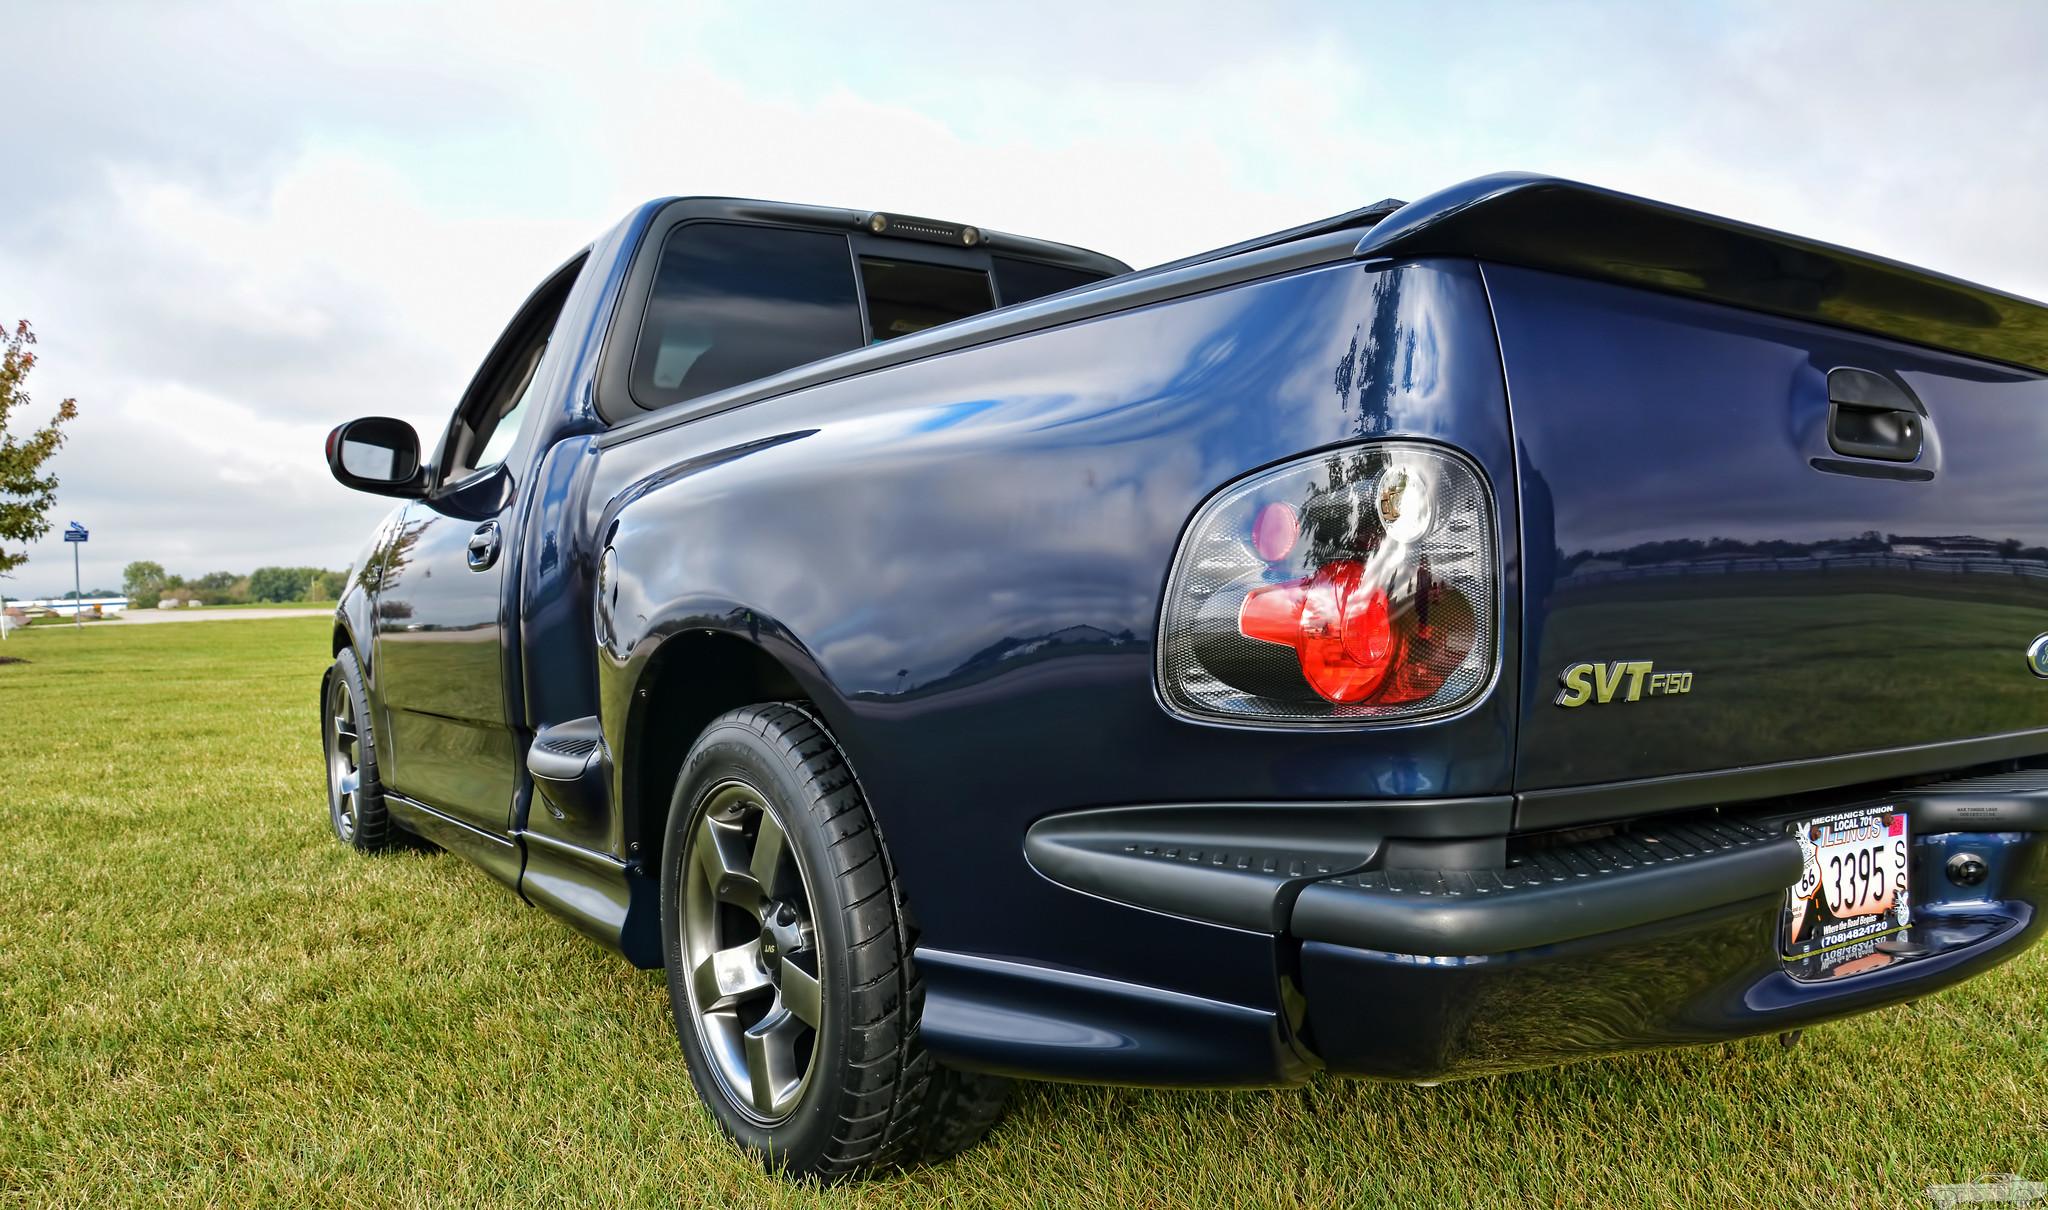 2002 Ford SVT Lightning Rear Three-Quarter